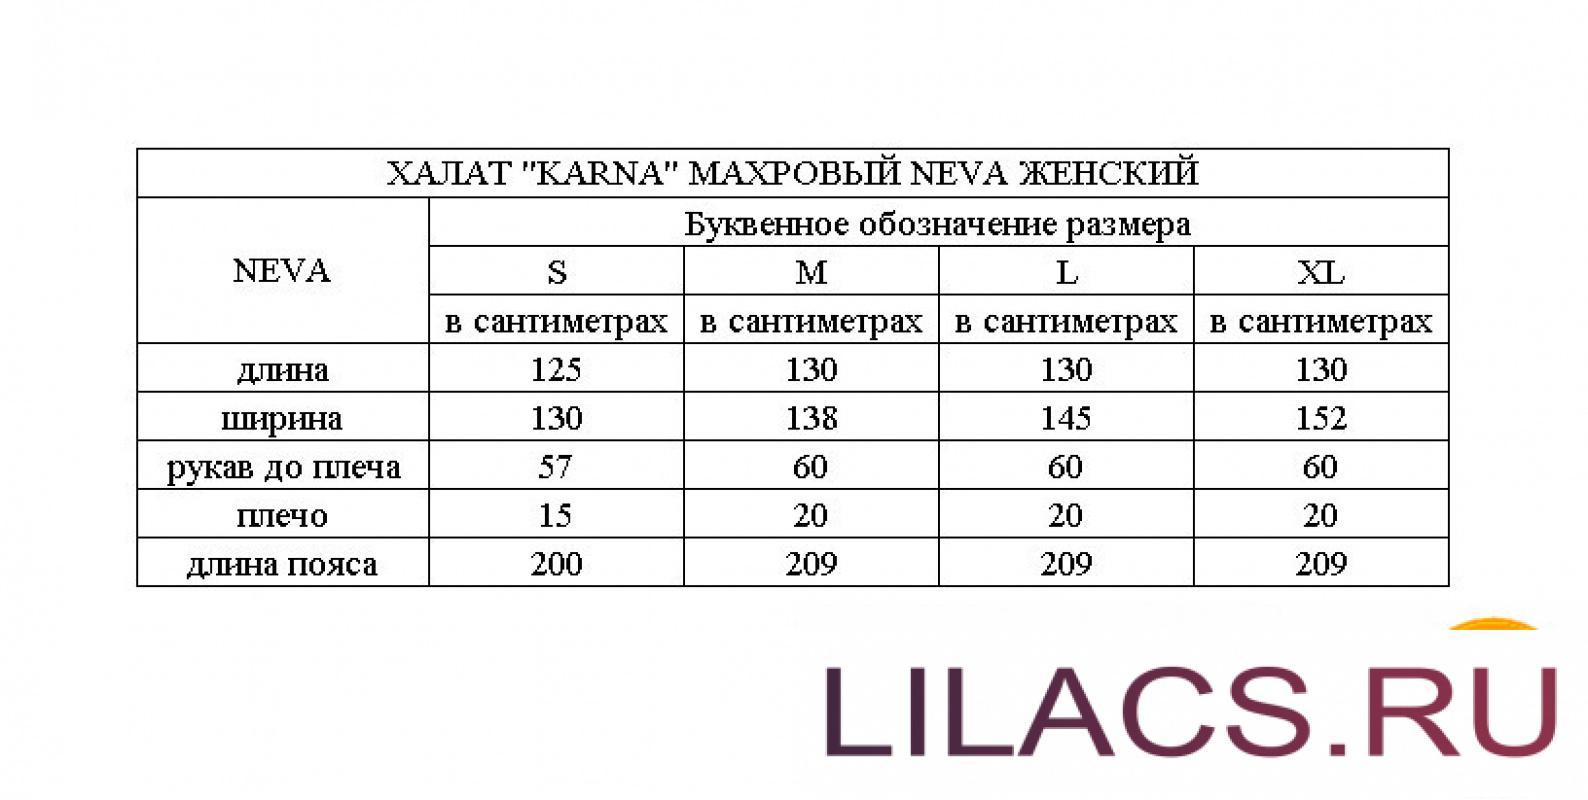 """3468 Халат """"KARNA"""" махровый NEVA (Пудра) S (38)"""